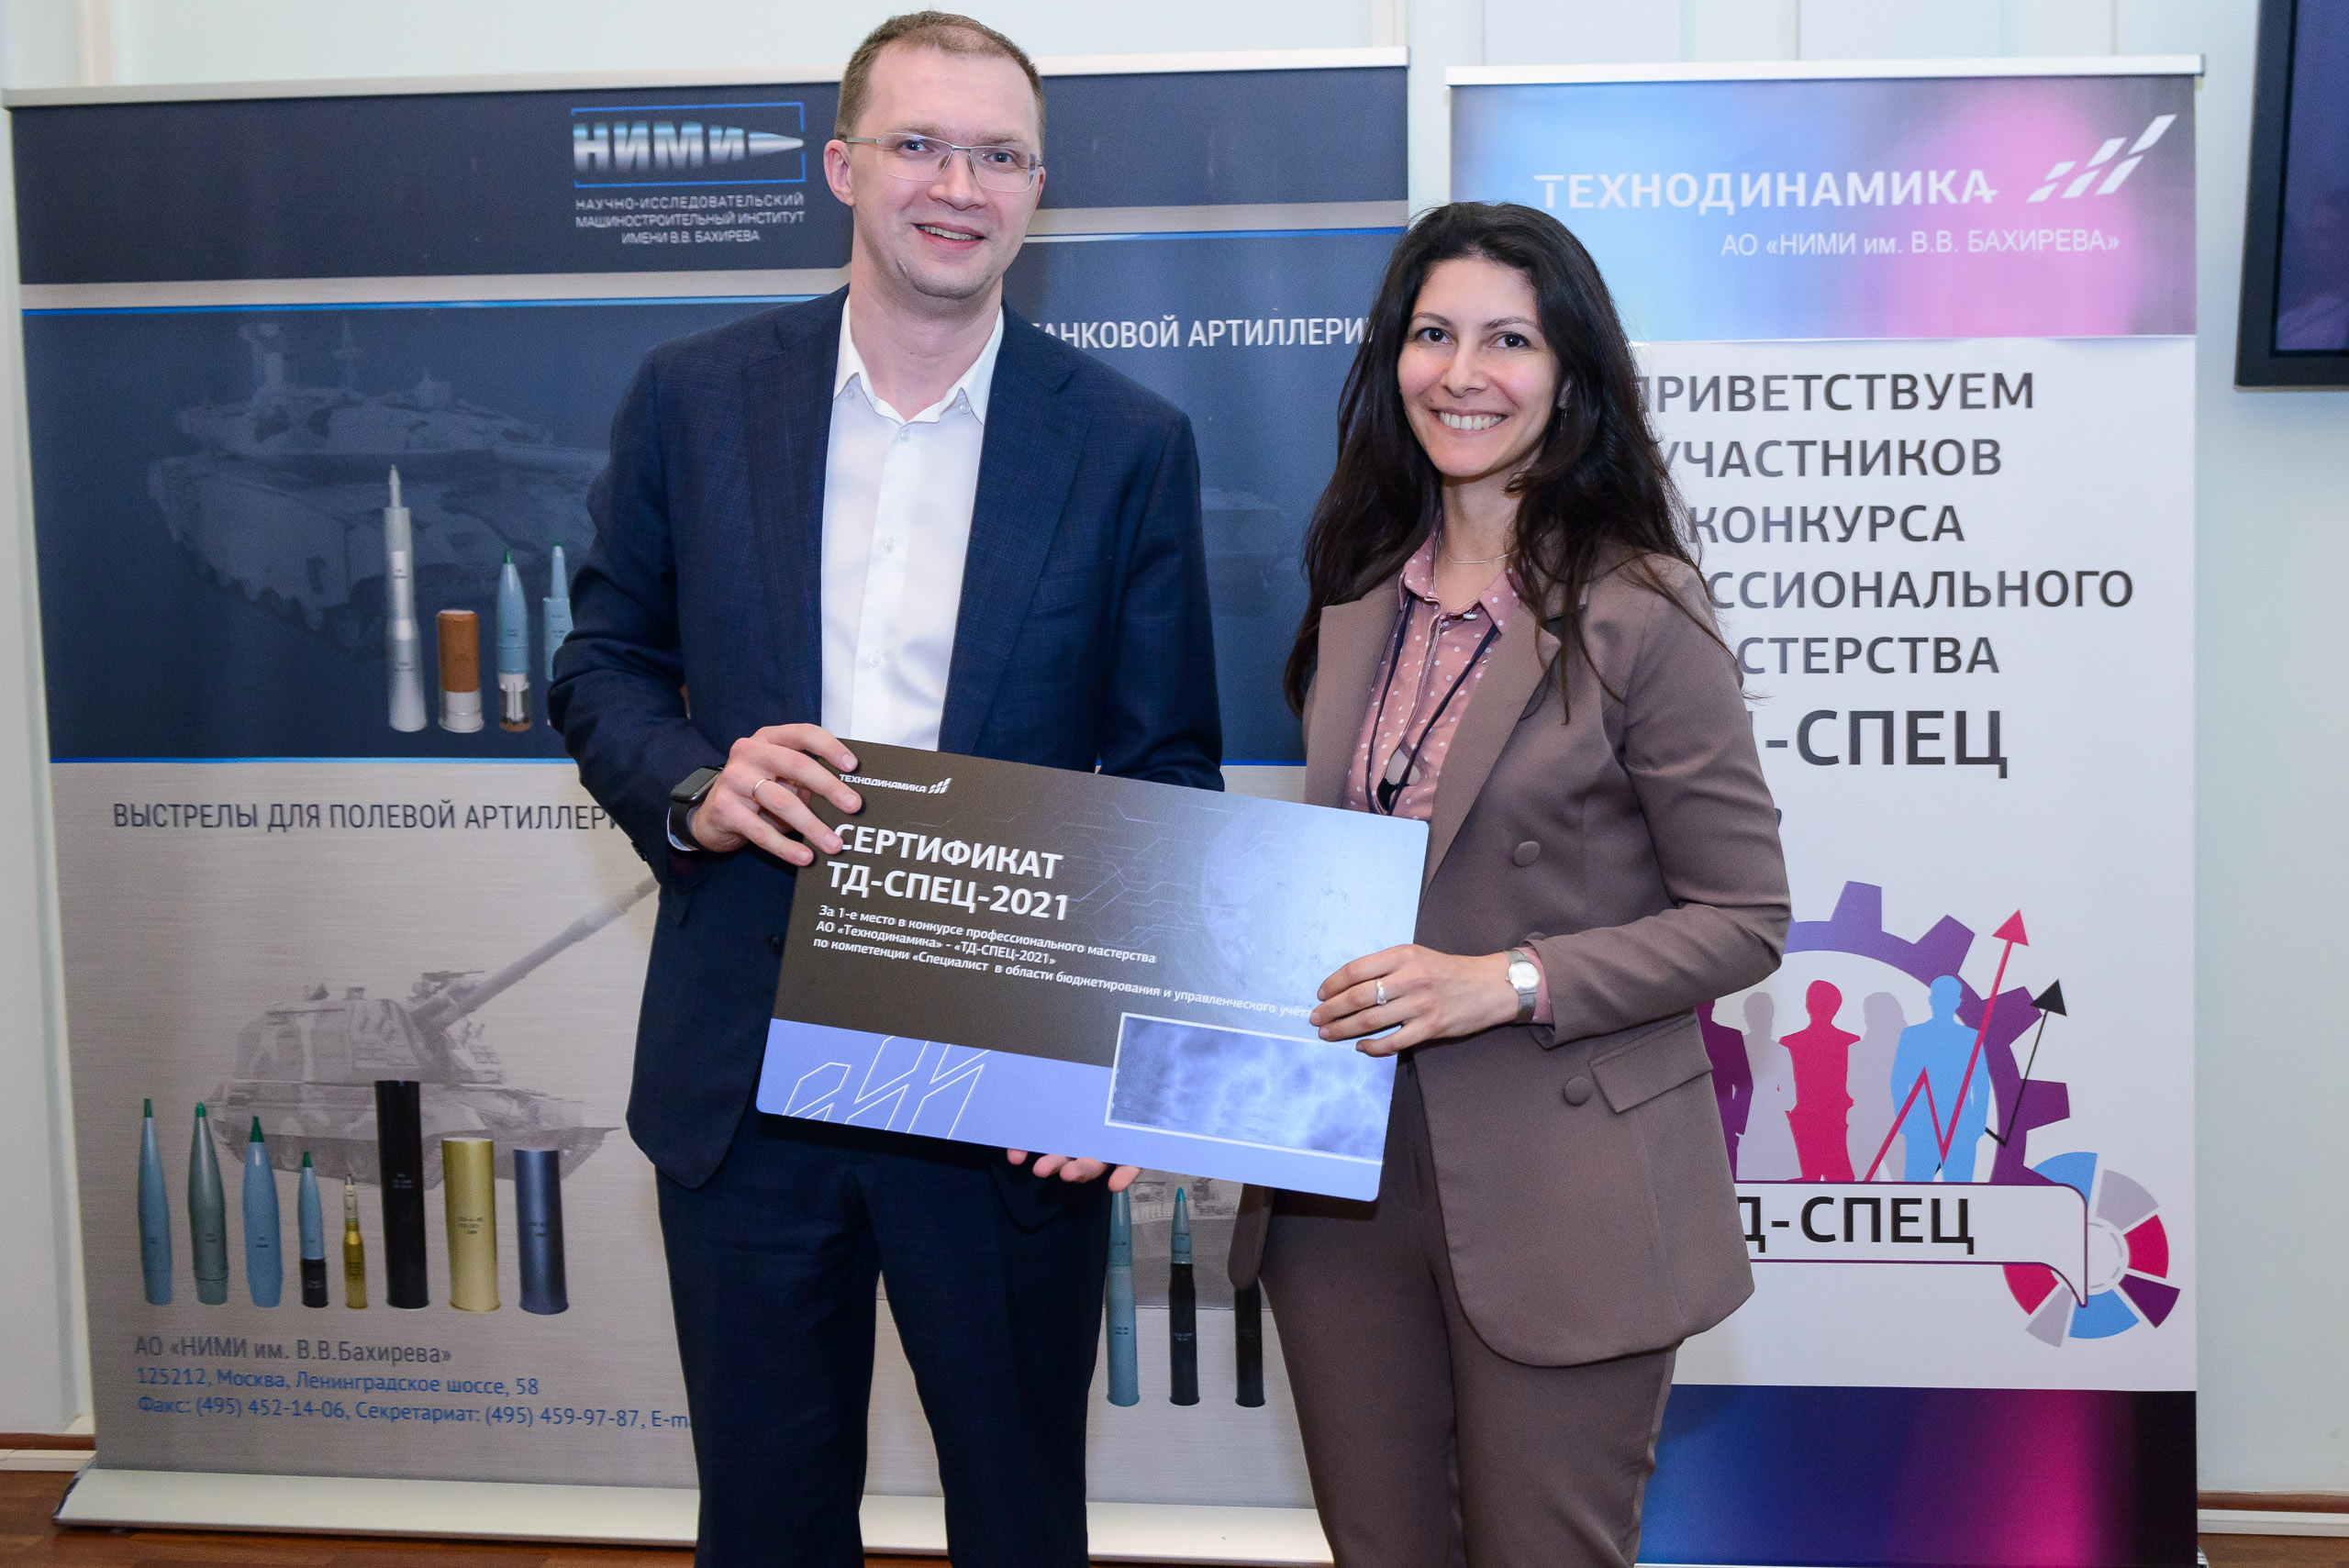 Корпоративный конкурс профессионального мастерства «ТД-СПЕЦ-2021»